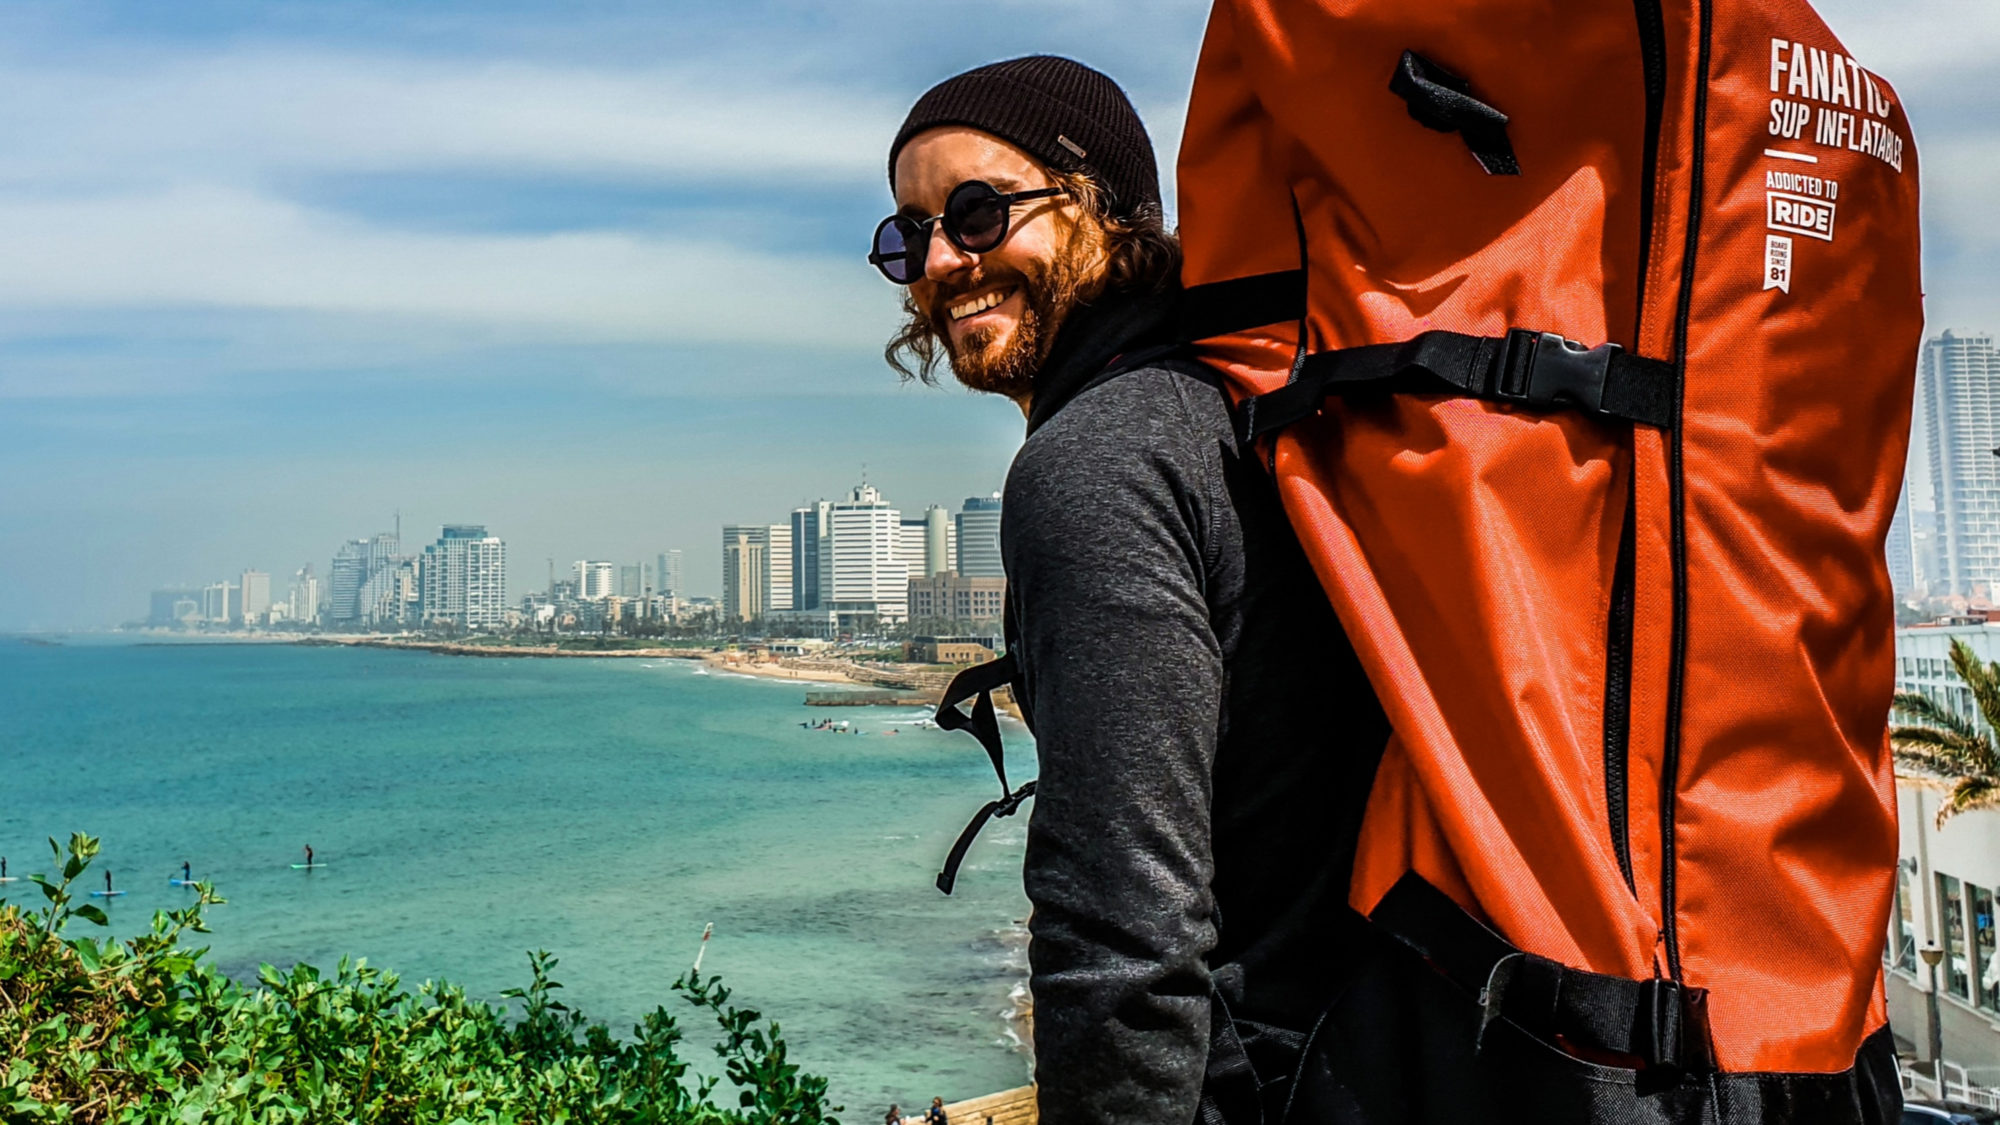 Reisen mit SUP und grandioser Sicht: Ein SUP-Trip nach Tel Aviv.